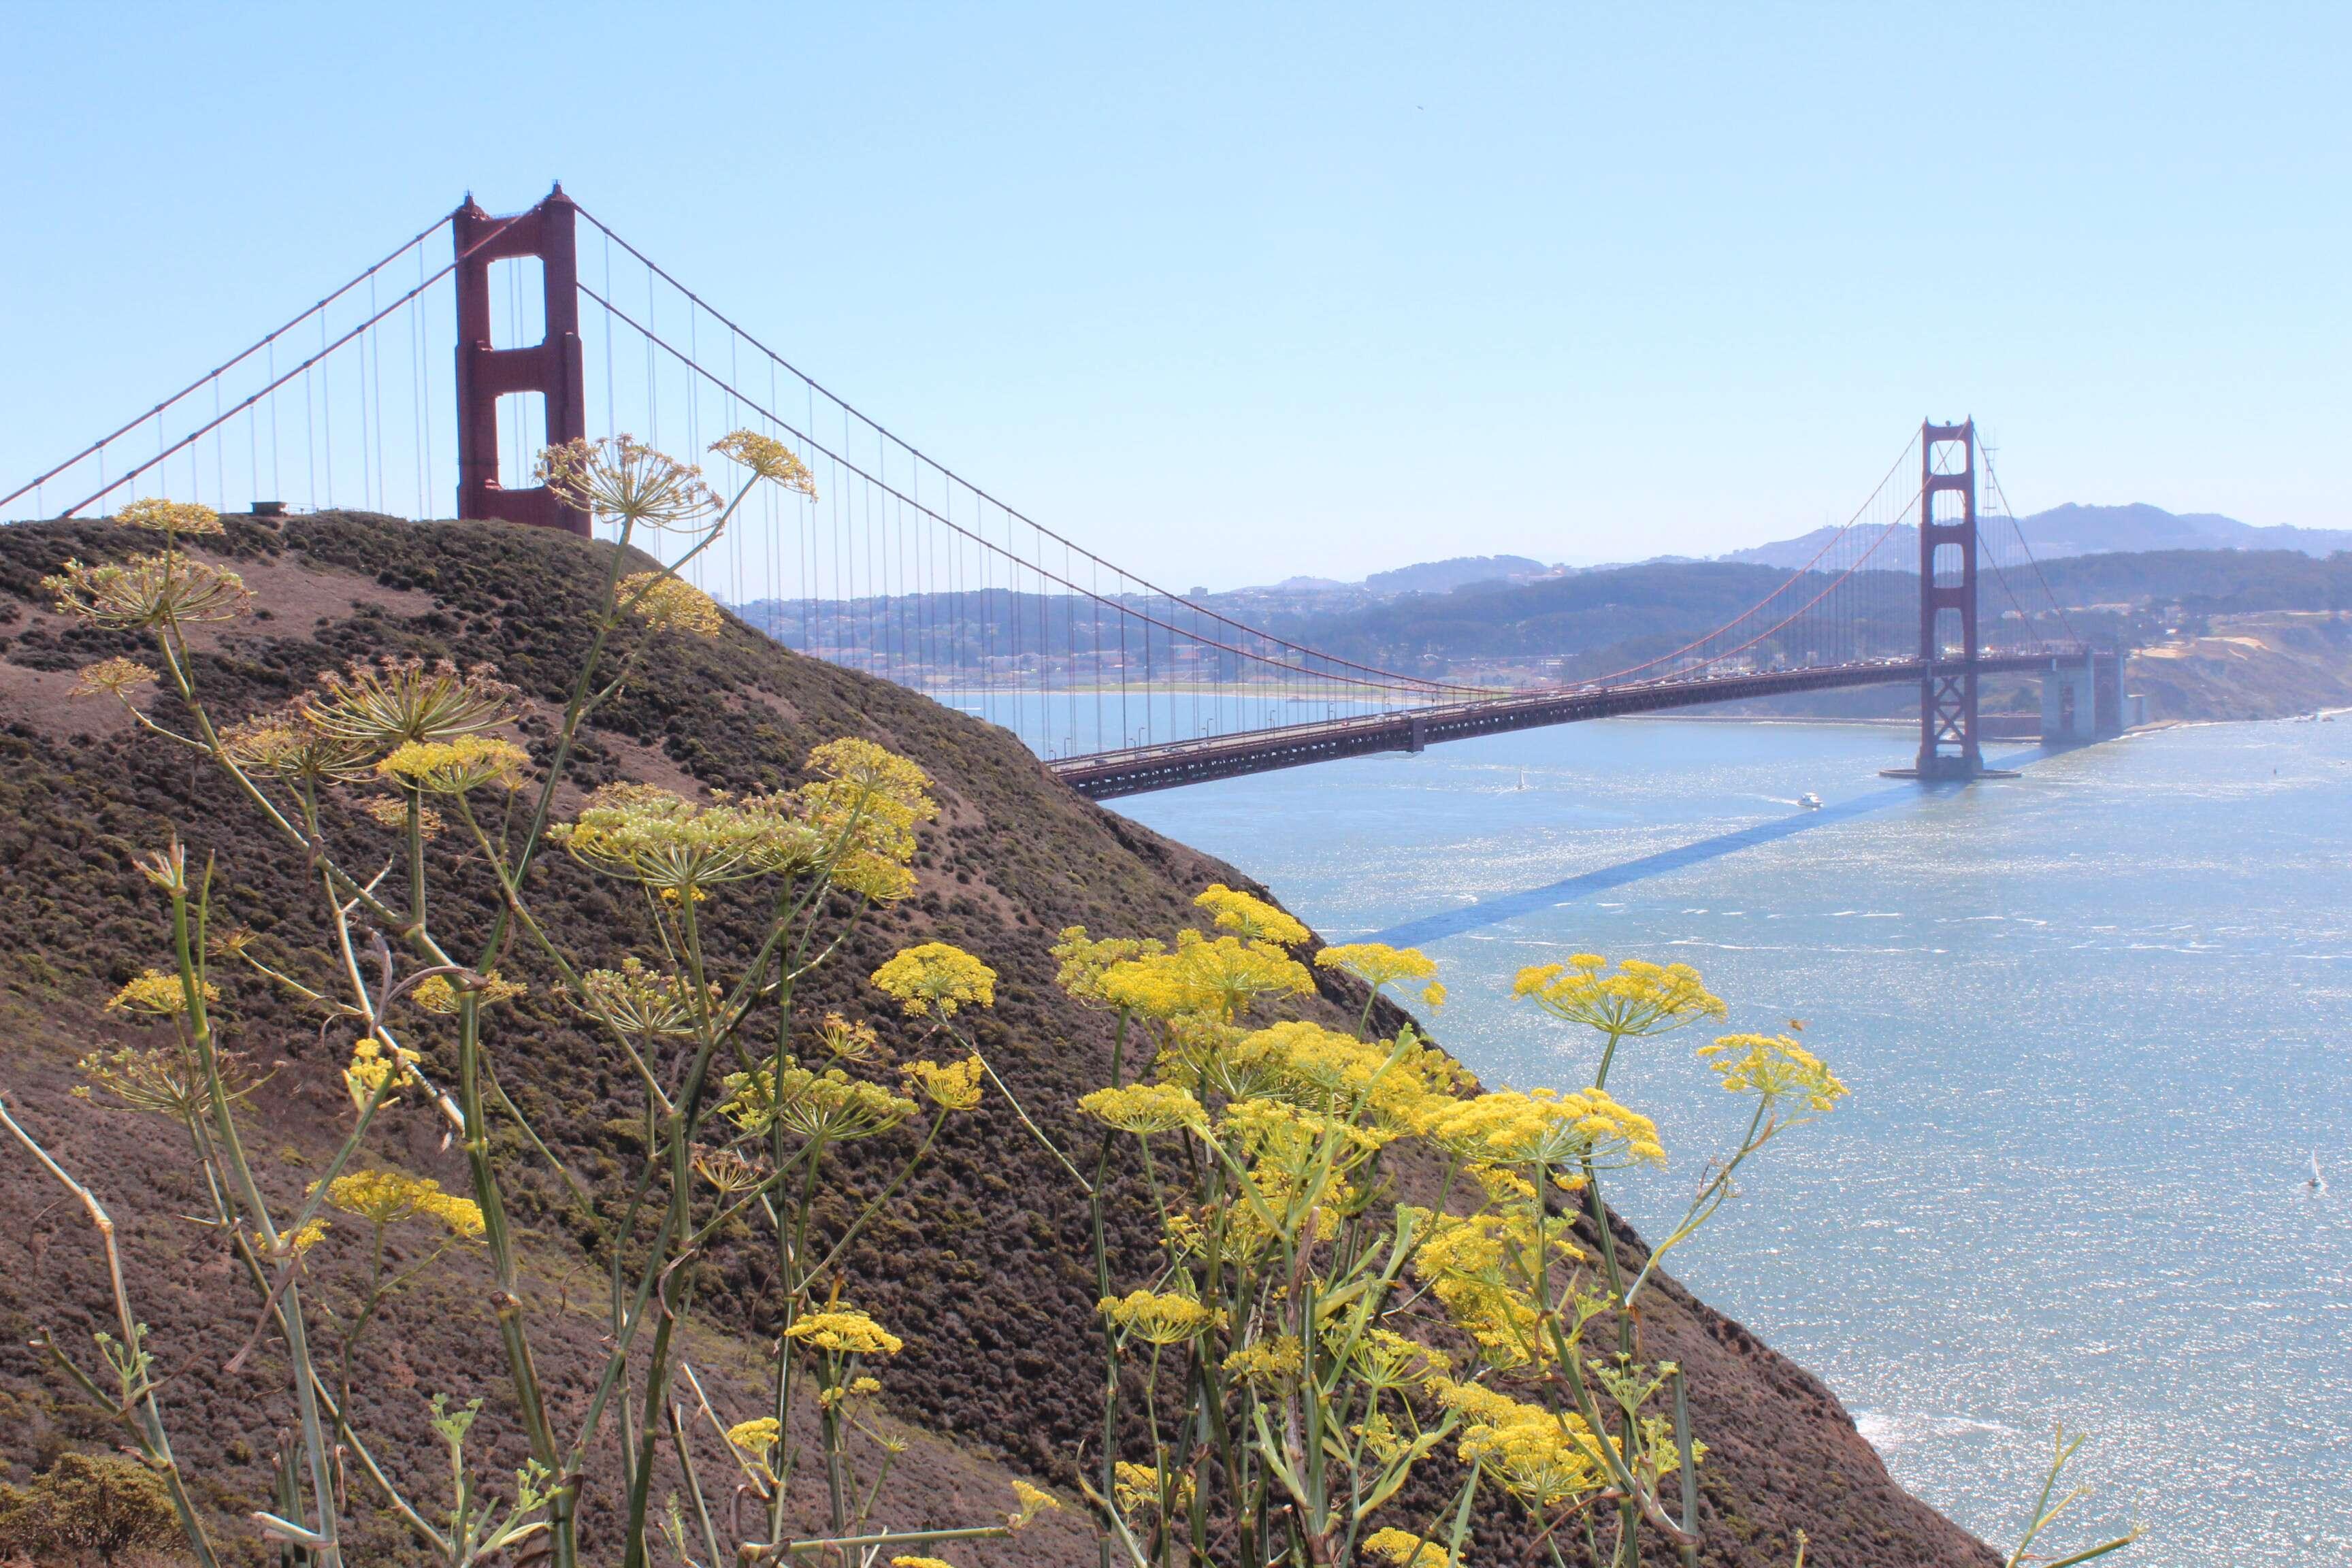 Flores quase do segundo mirante - Marin headlands